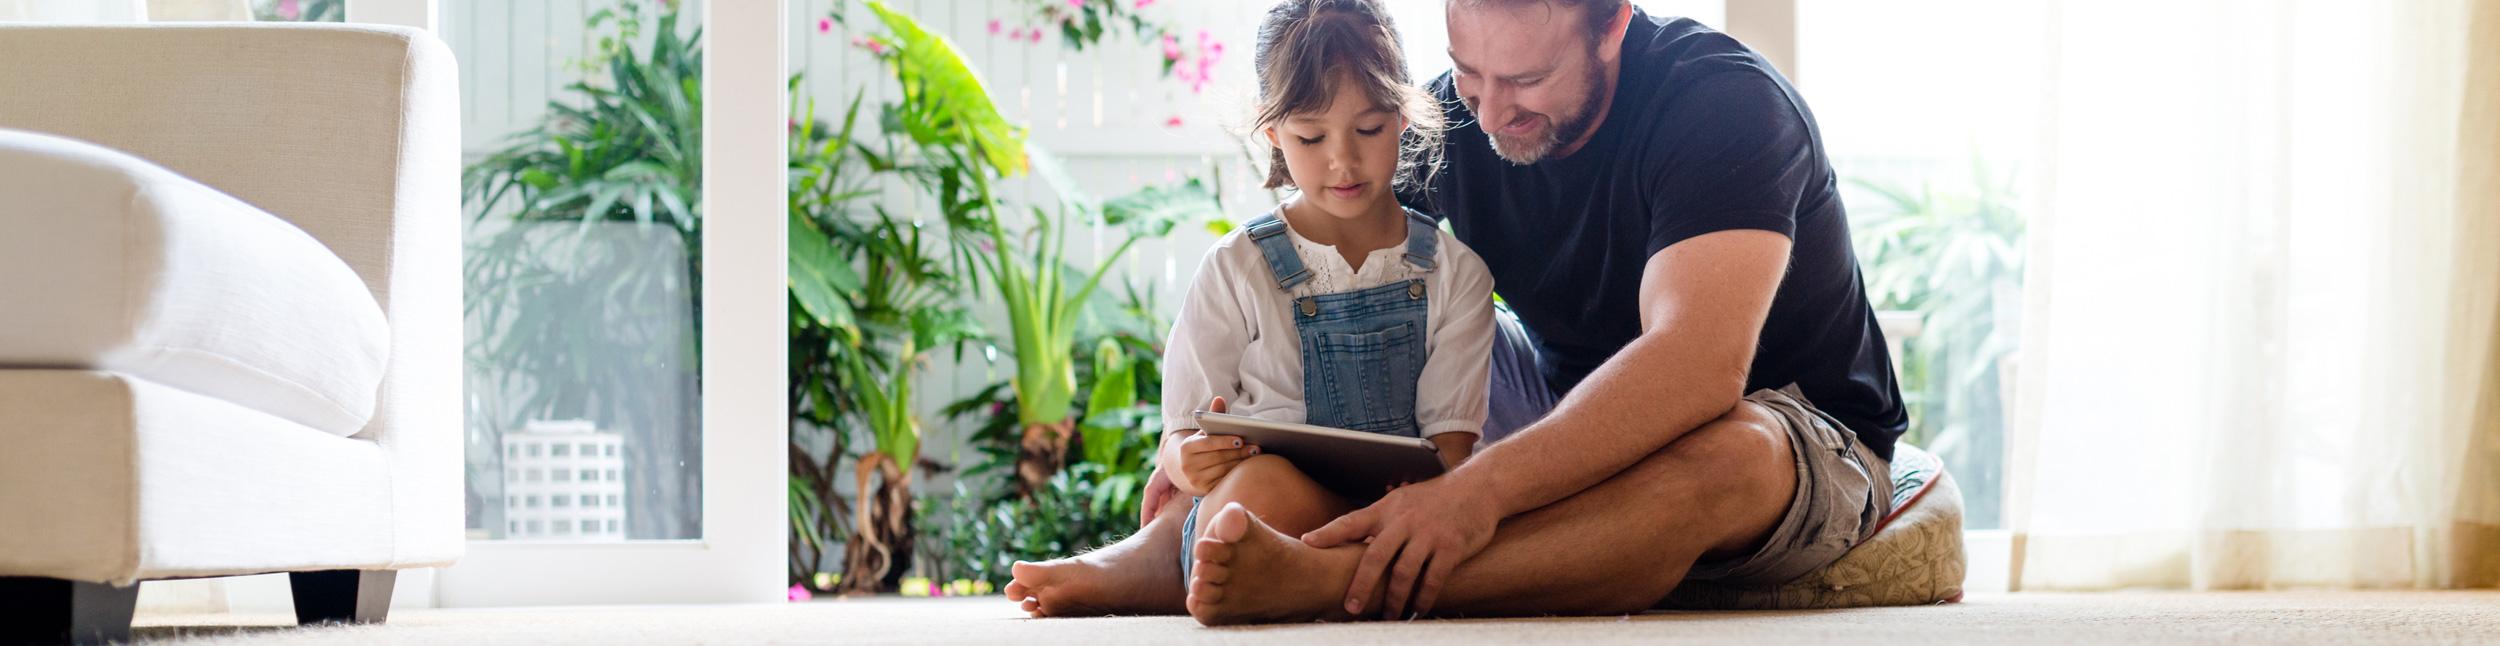 Vater mit Kind sitzt am Boden im Wohnzimmer und schaut auf ein Tablett. Fühlen Sie sich Zuhause wohl dank Heizungen der Urs Metzger AG.